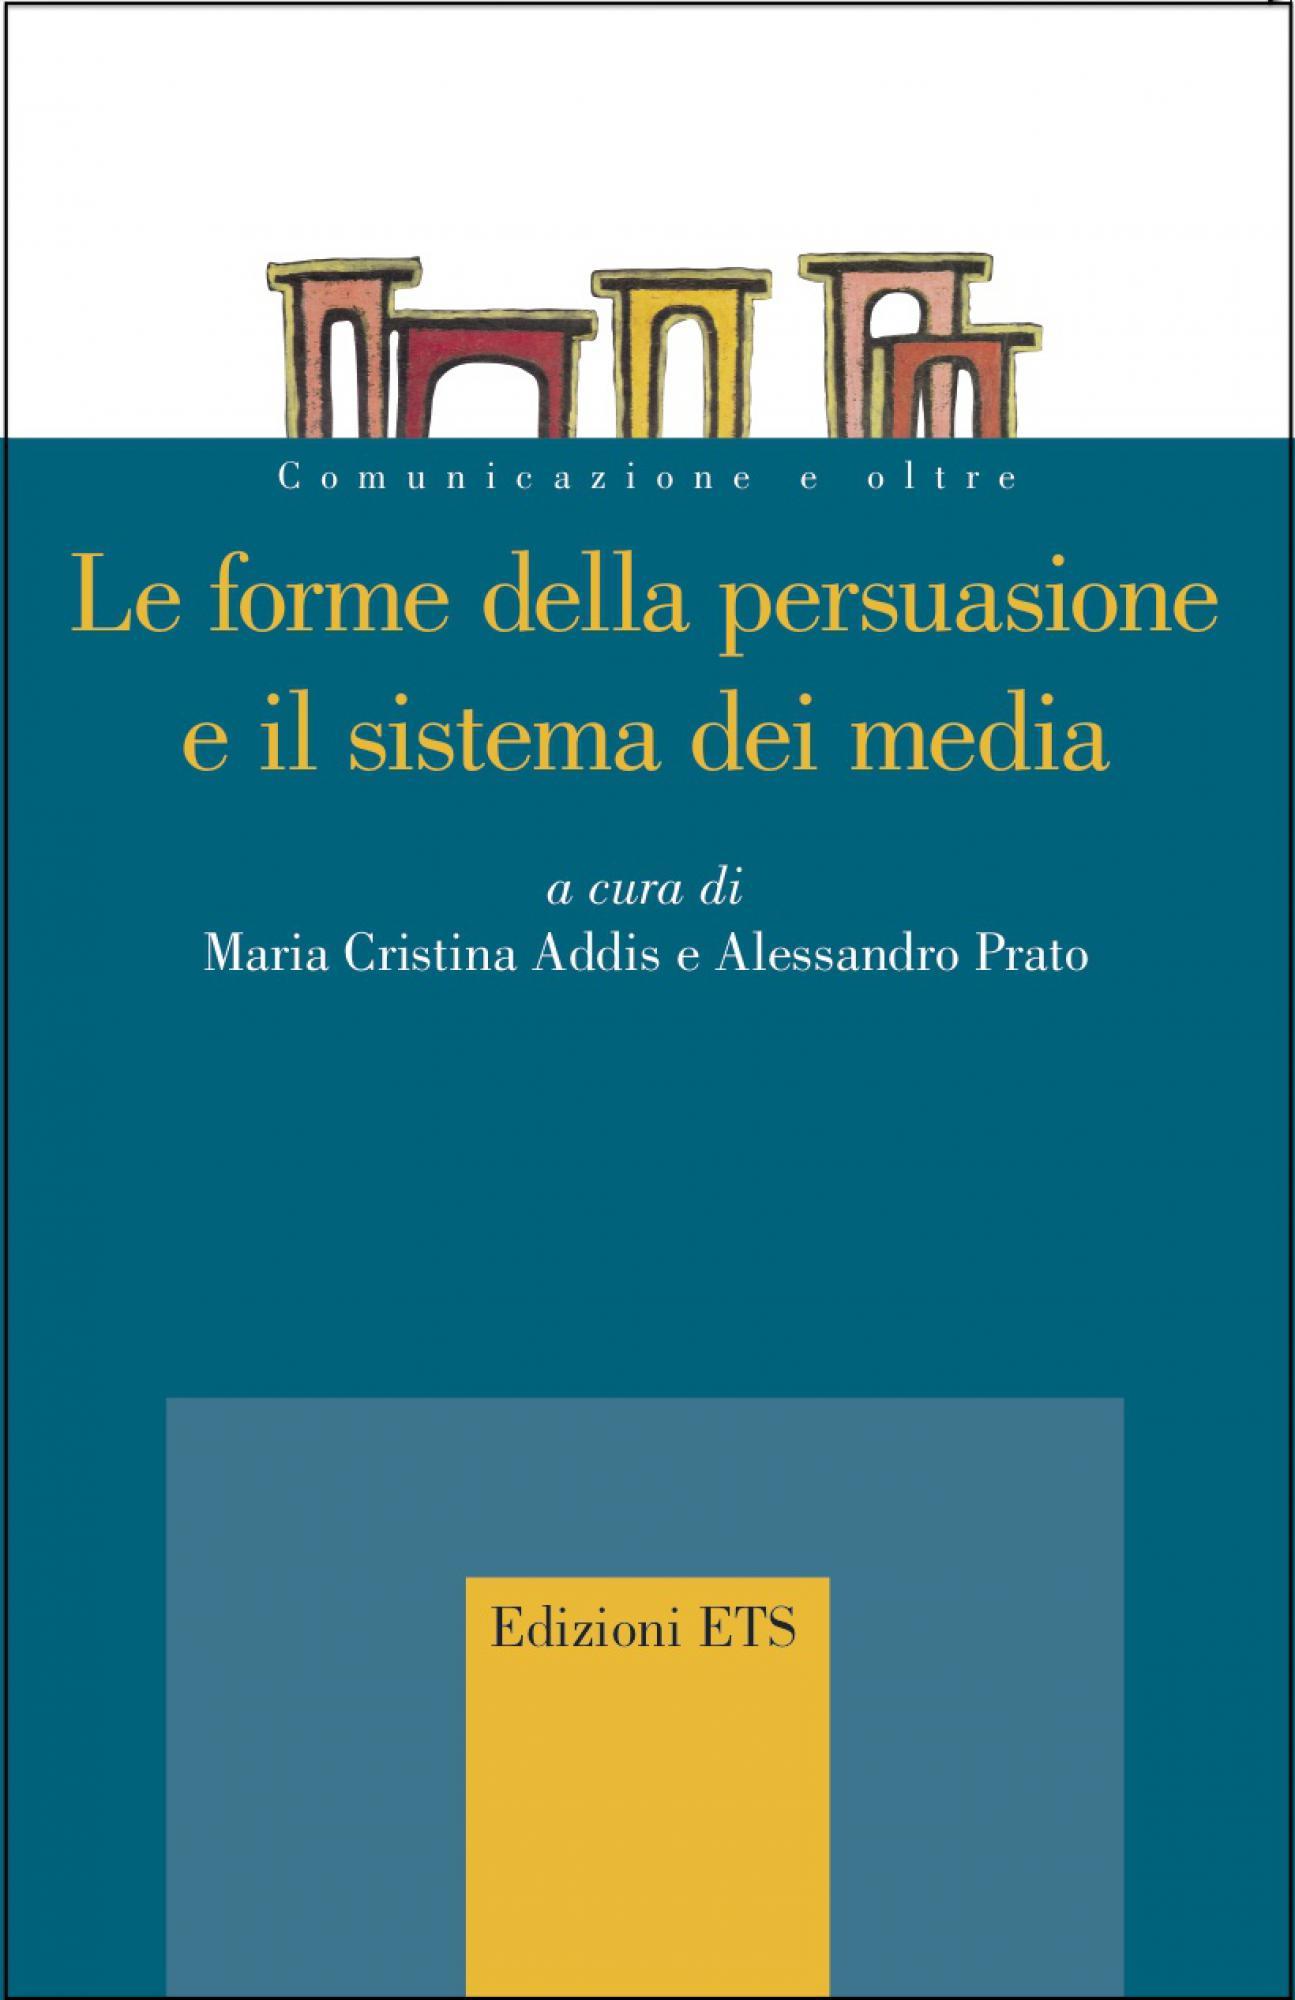 Le forme della persuasione e il sistema dei media